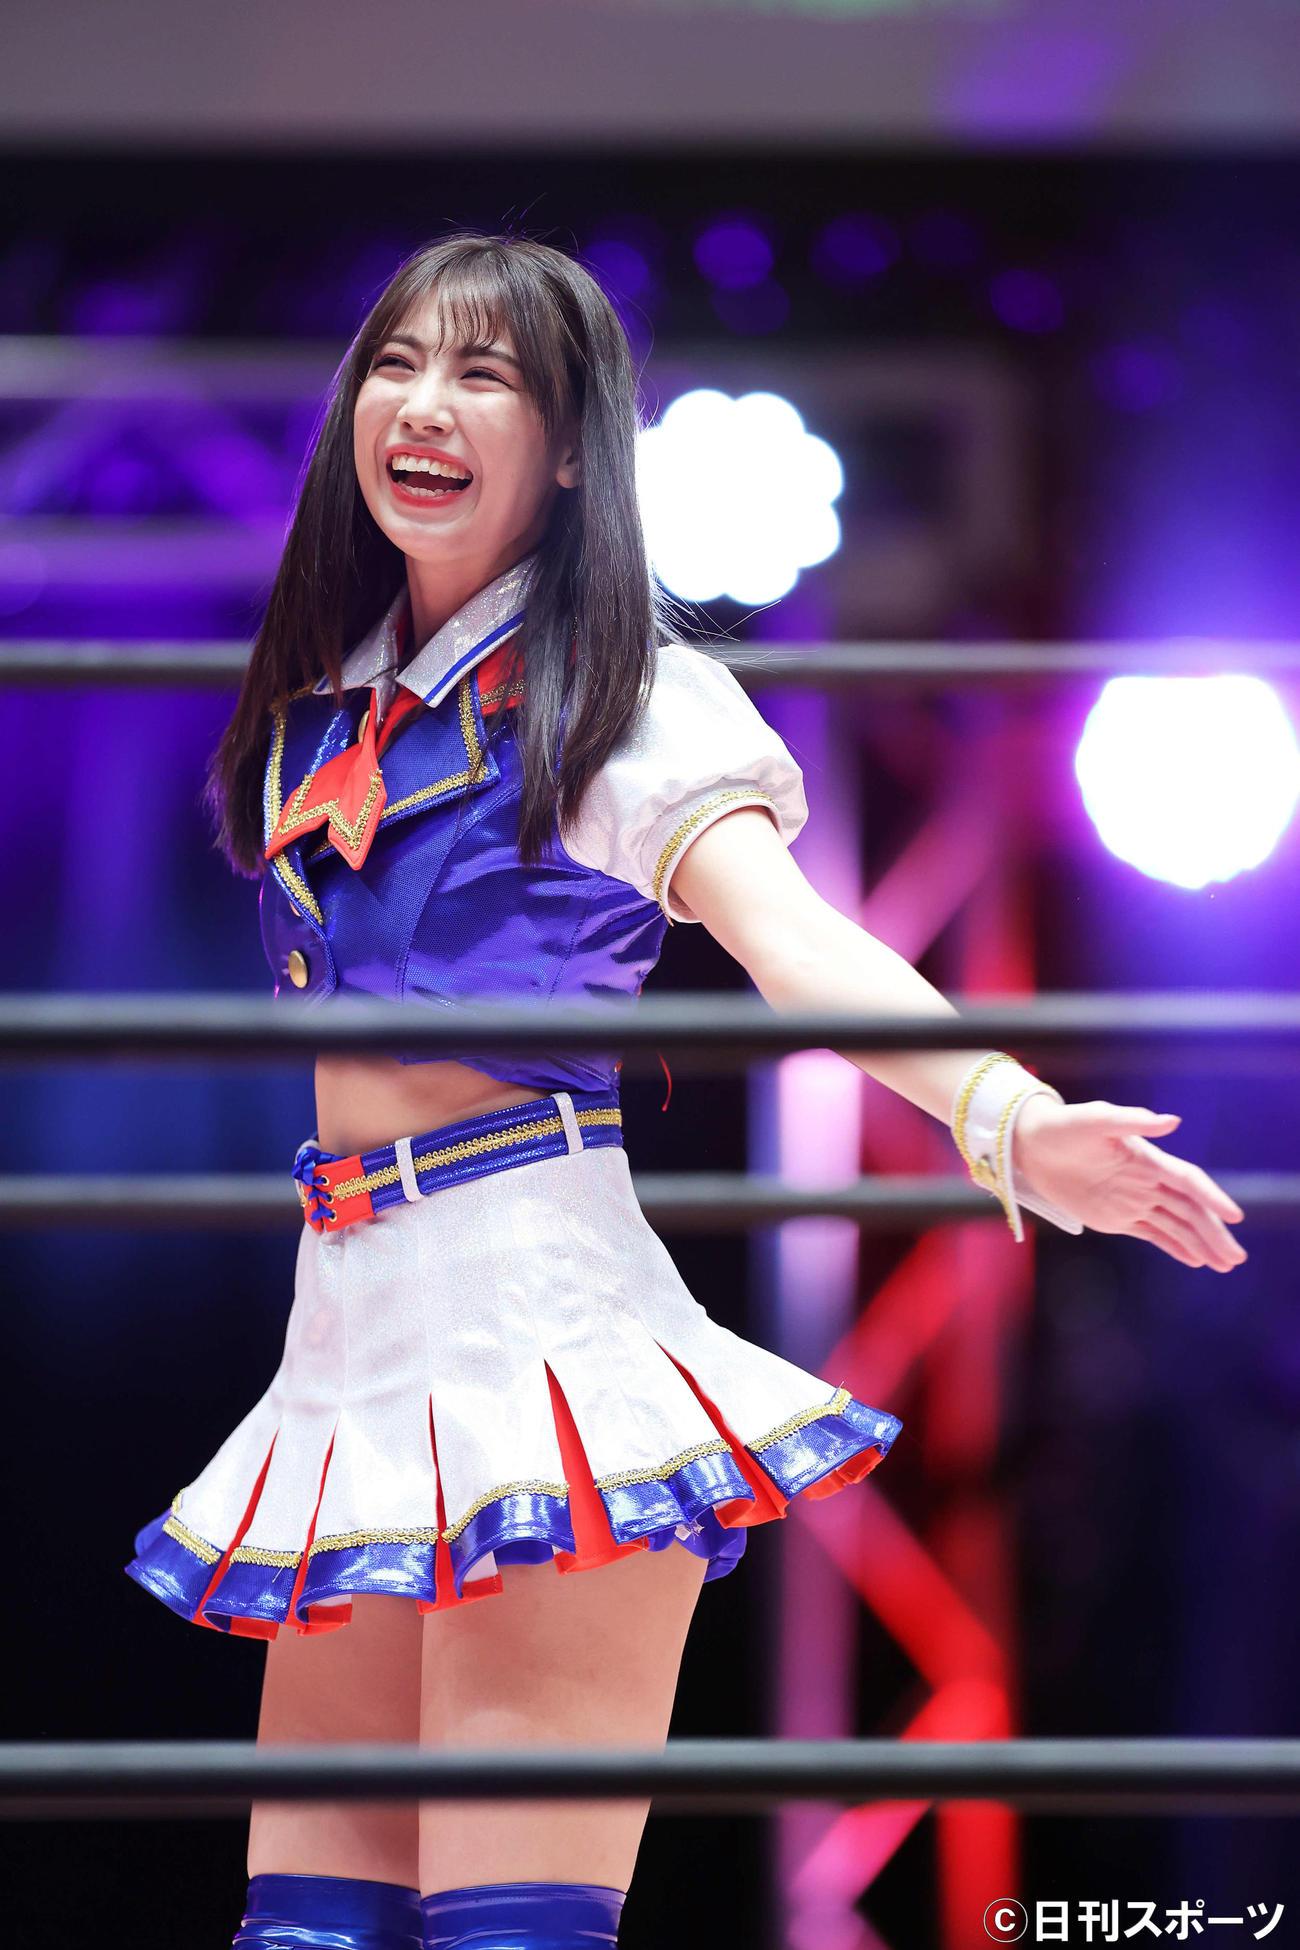 デビュー戦を迎えたSKE48荒井優希は、リングに上がり笑顔を見せる(撮影・河田真司)